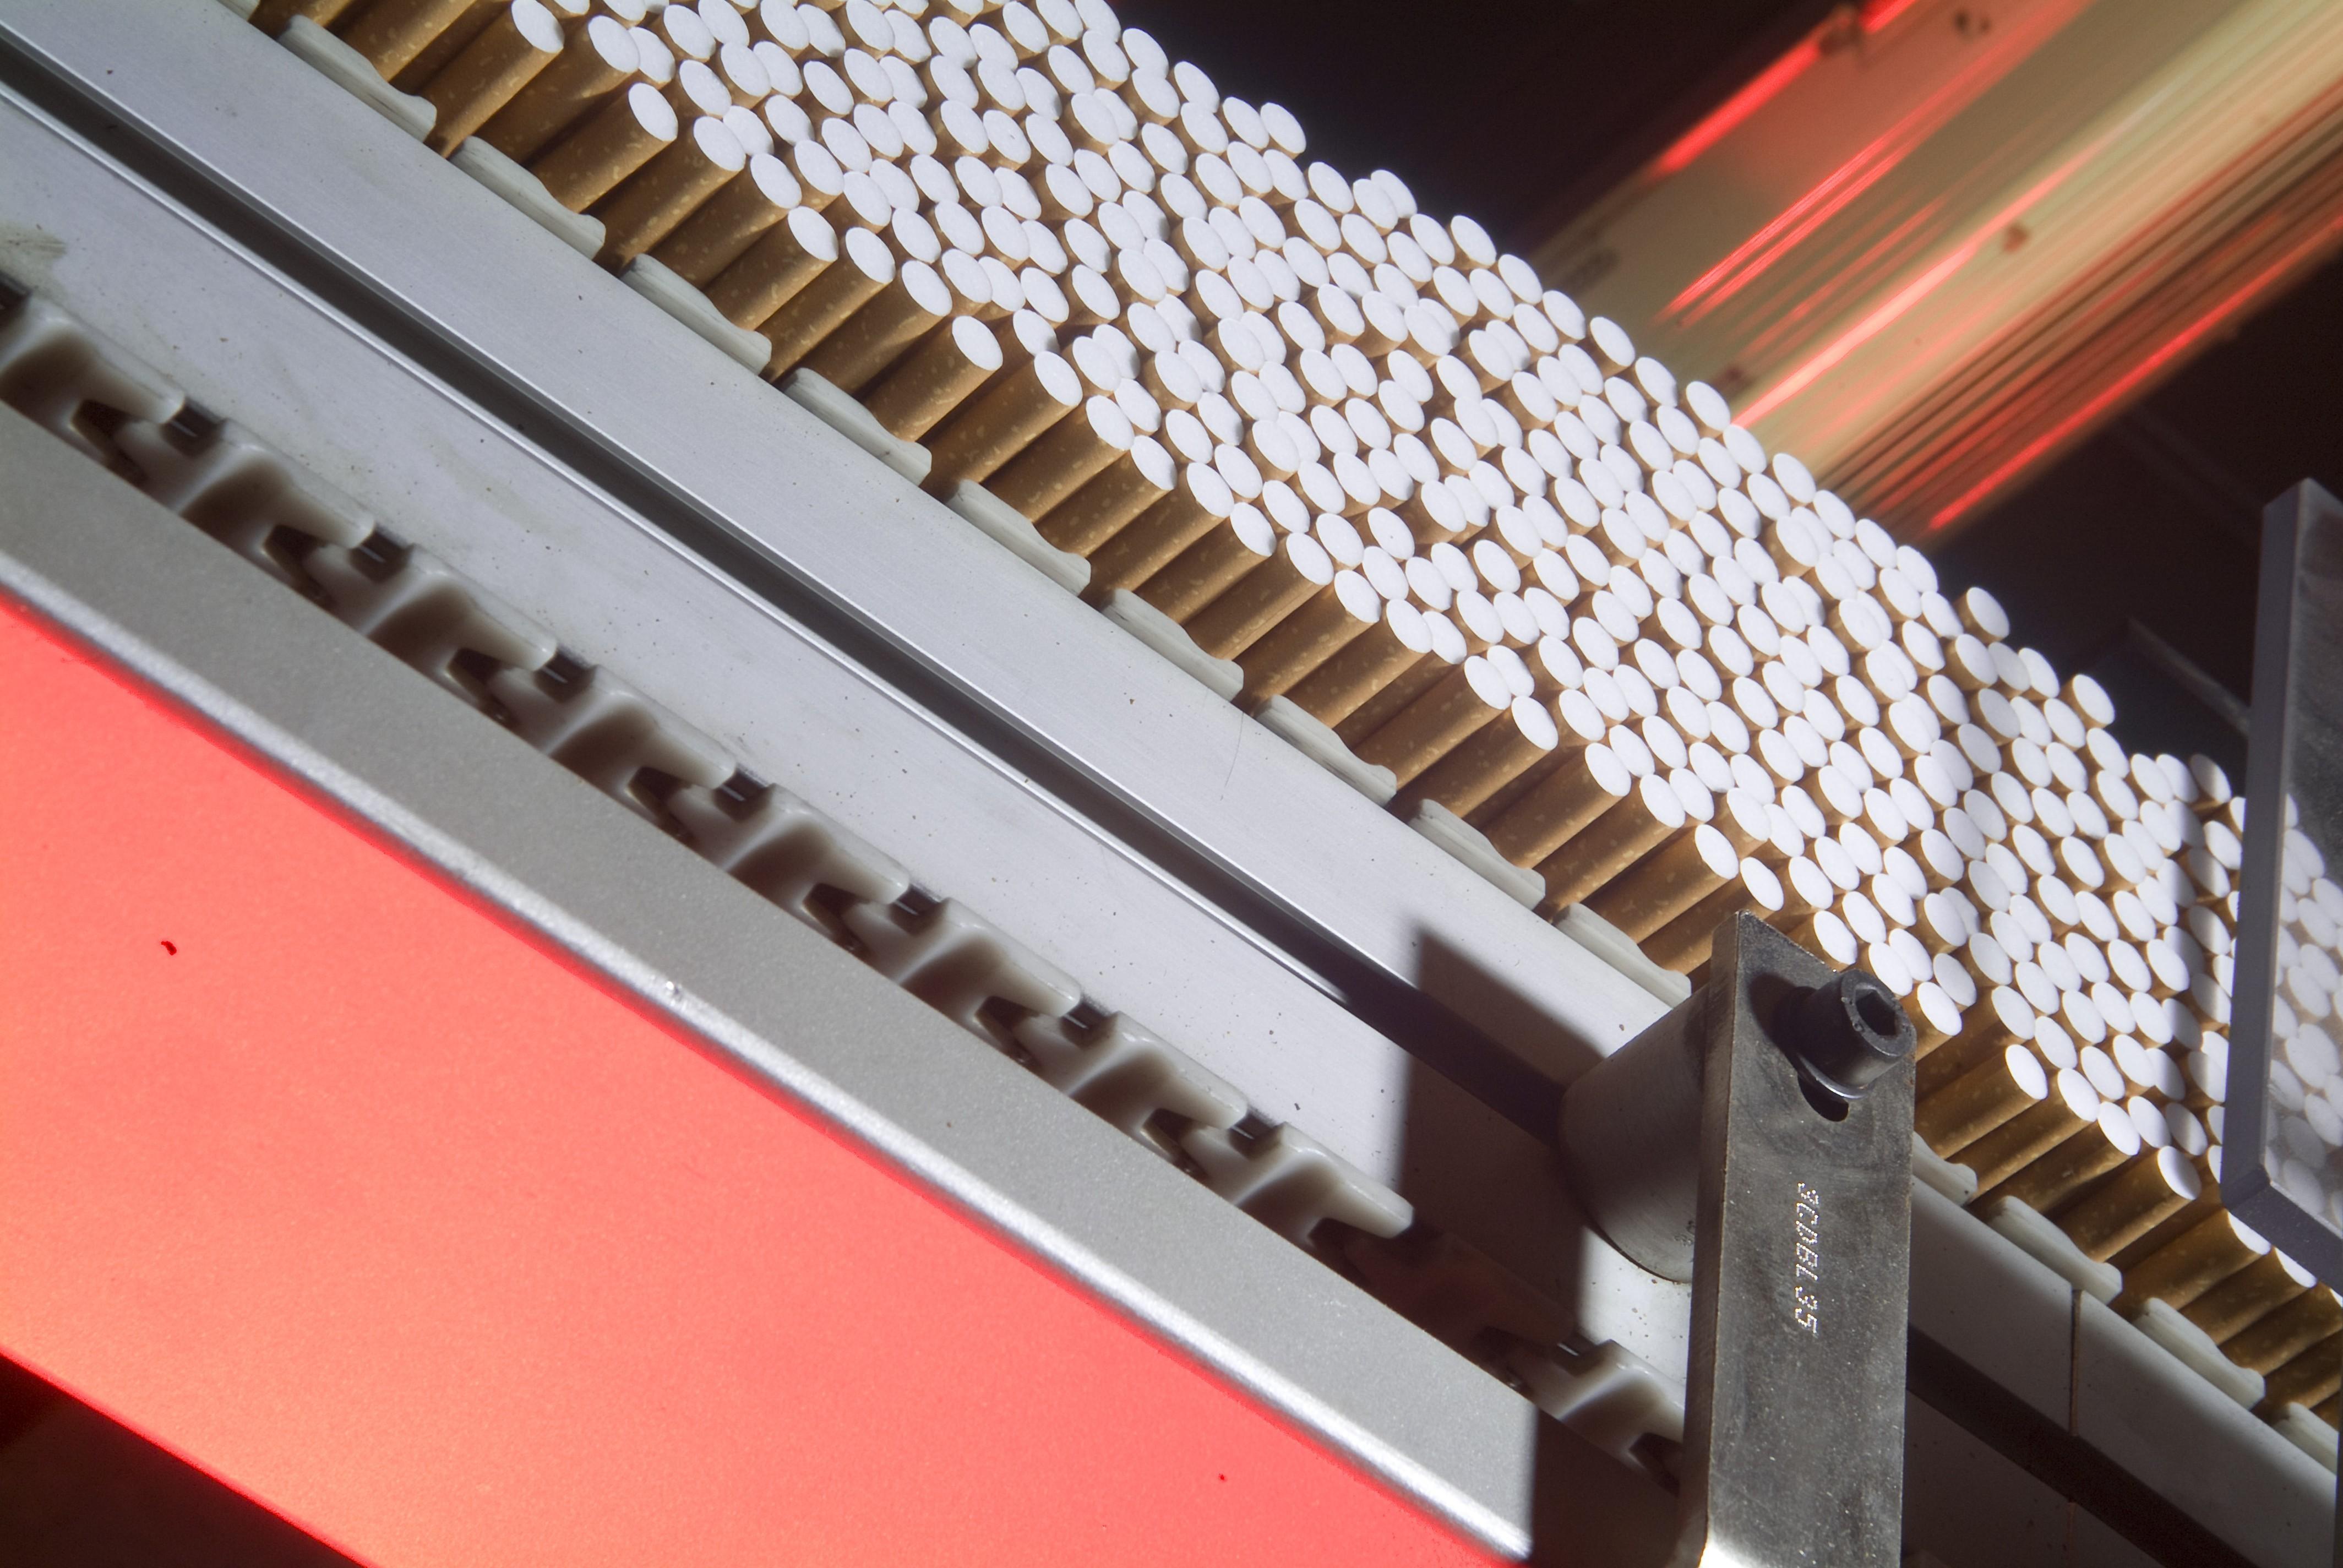 Минимальная цена на сигареты с 1 января составит 380 тенге